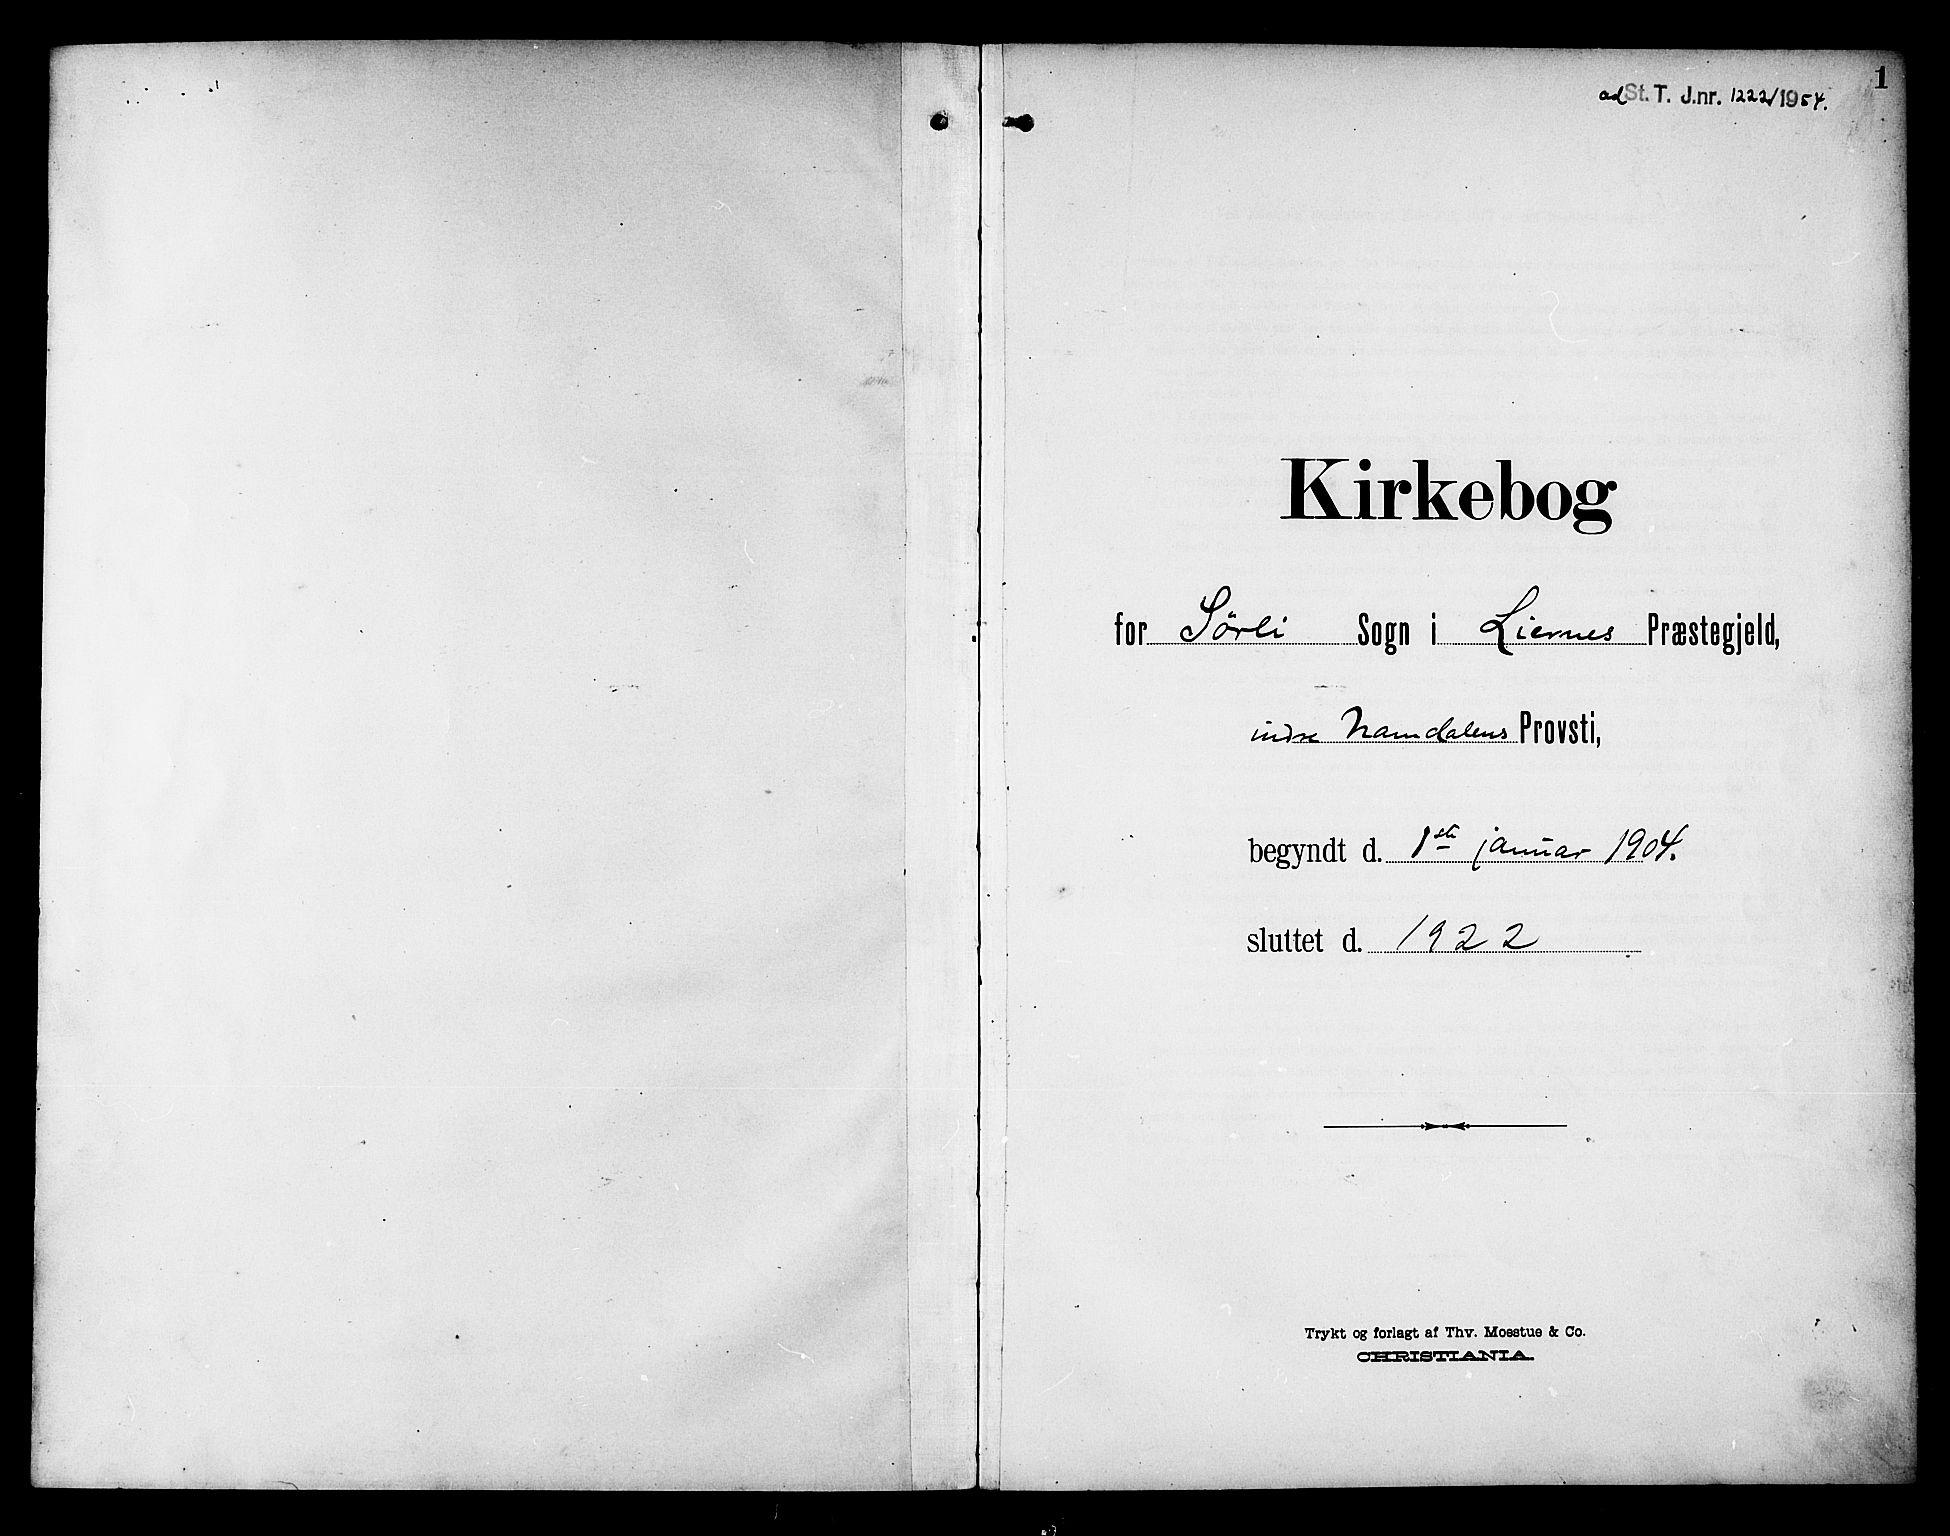 SAT, Ministerialprotokoller, klokkerbøker og fødselsregistre - Nord-Trøndelag, 757/L0506: Klokkerbok nr. 757C01, 1904-1922, s. 1